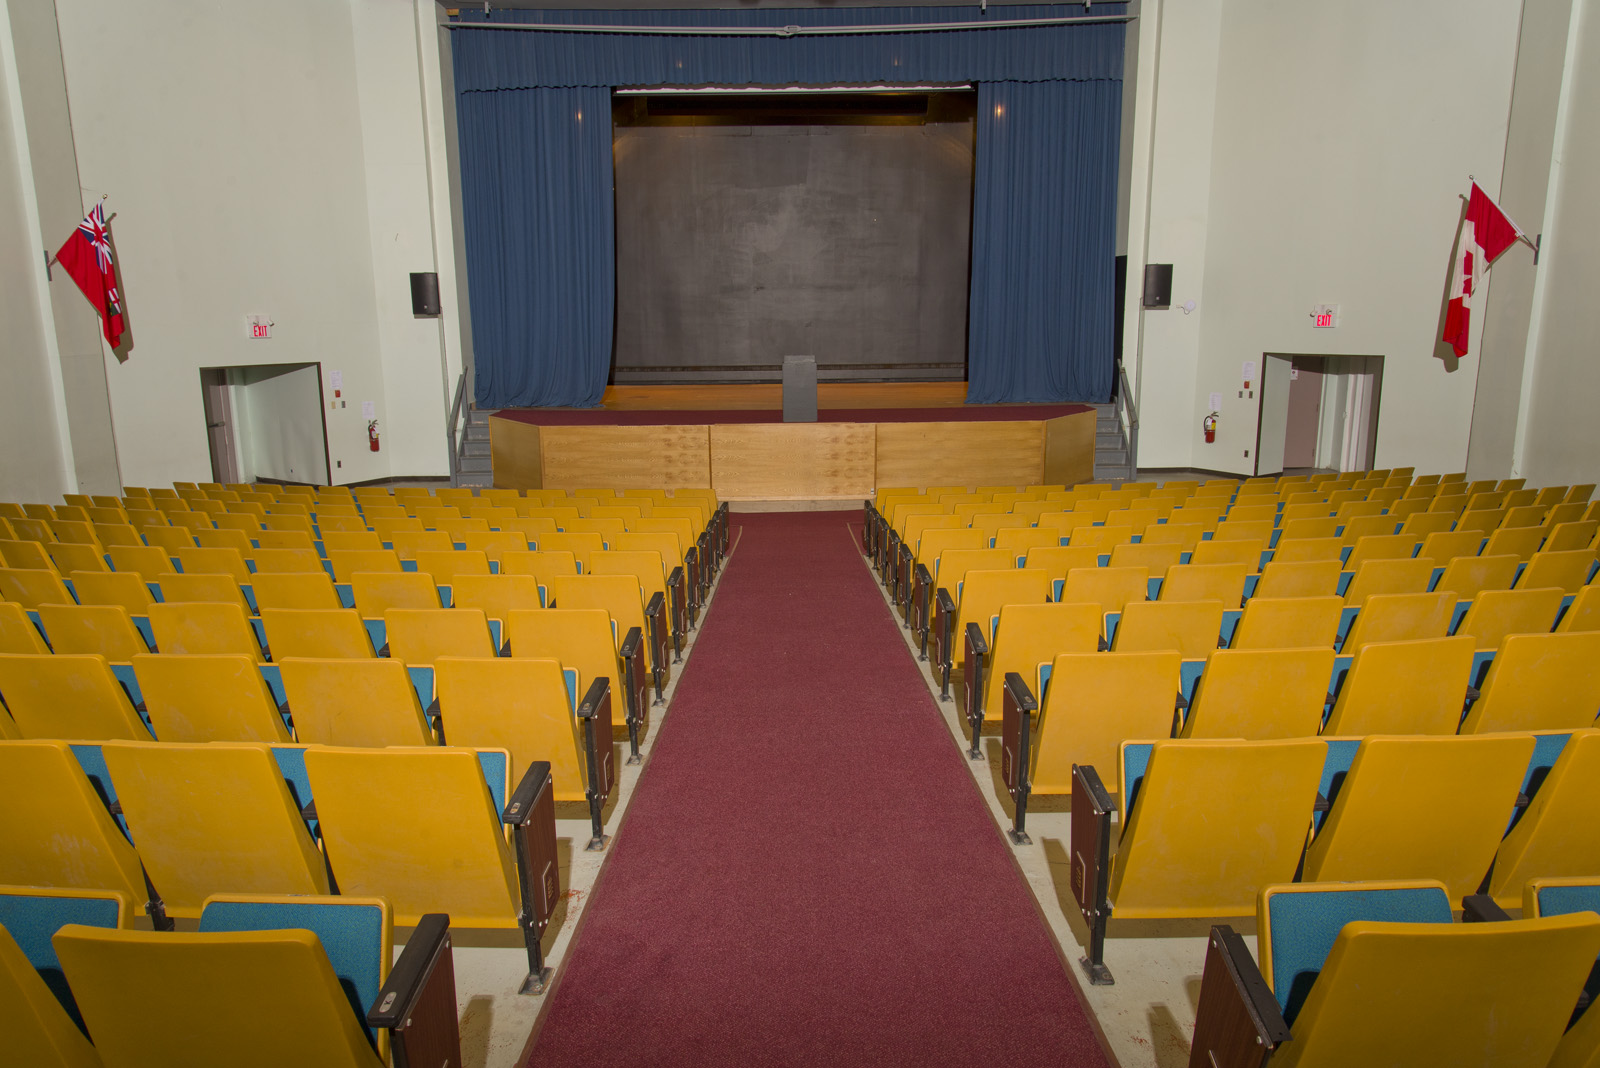 annapolis basin theatre  u2014 annapolis basin conference centre